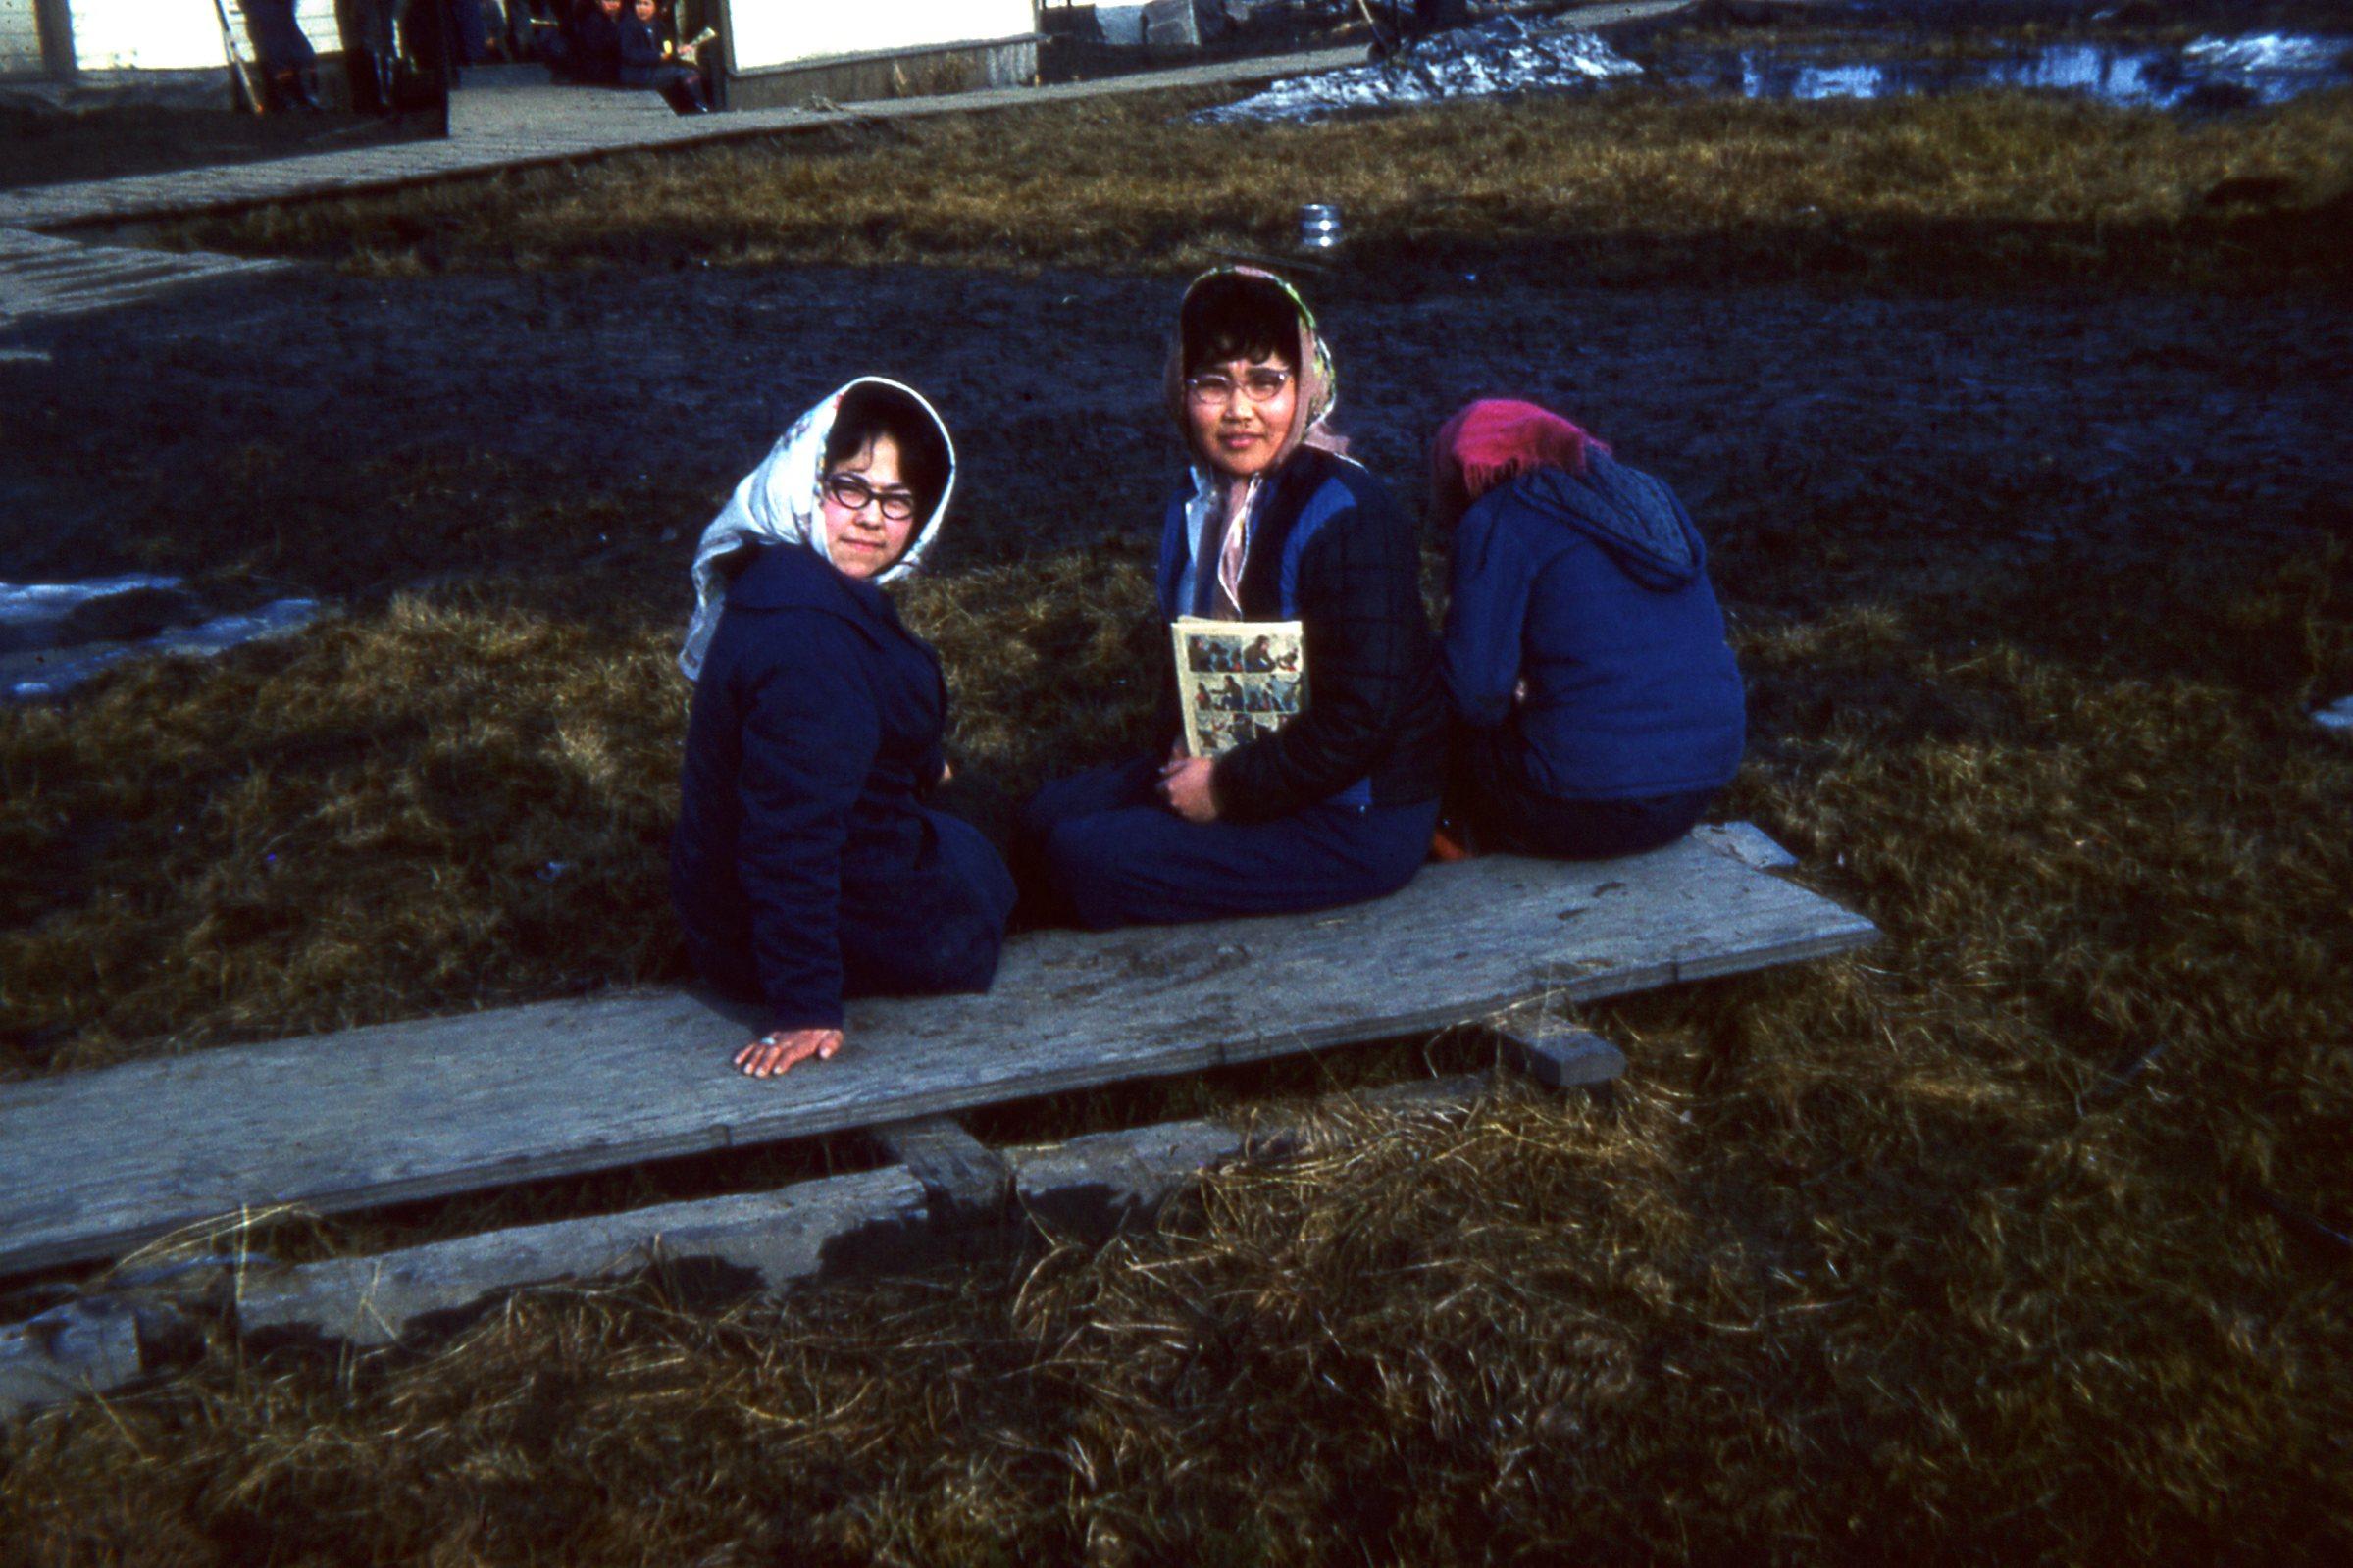 1965 Sitting on walk